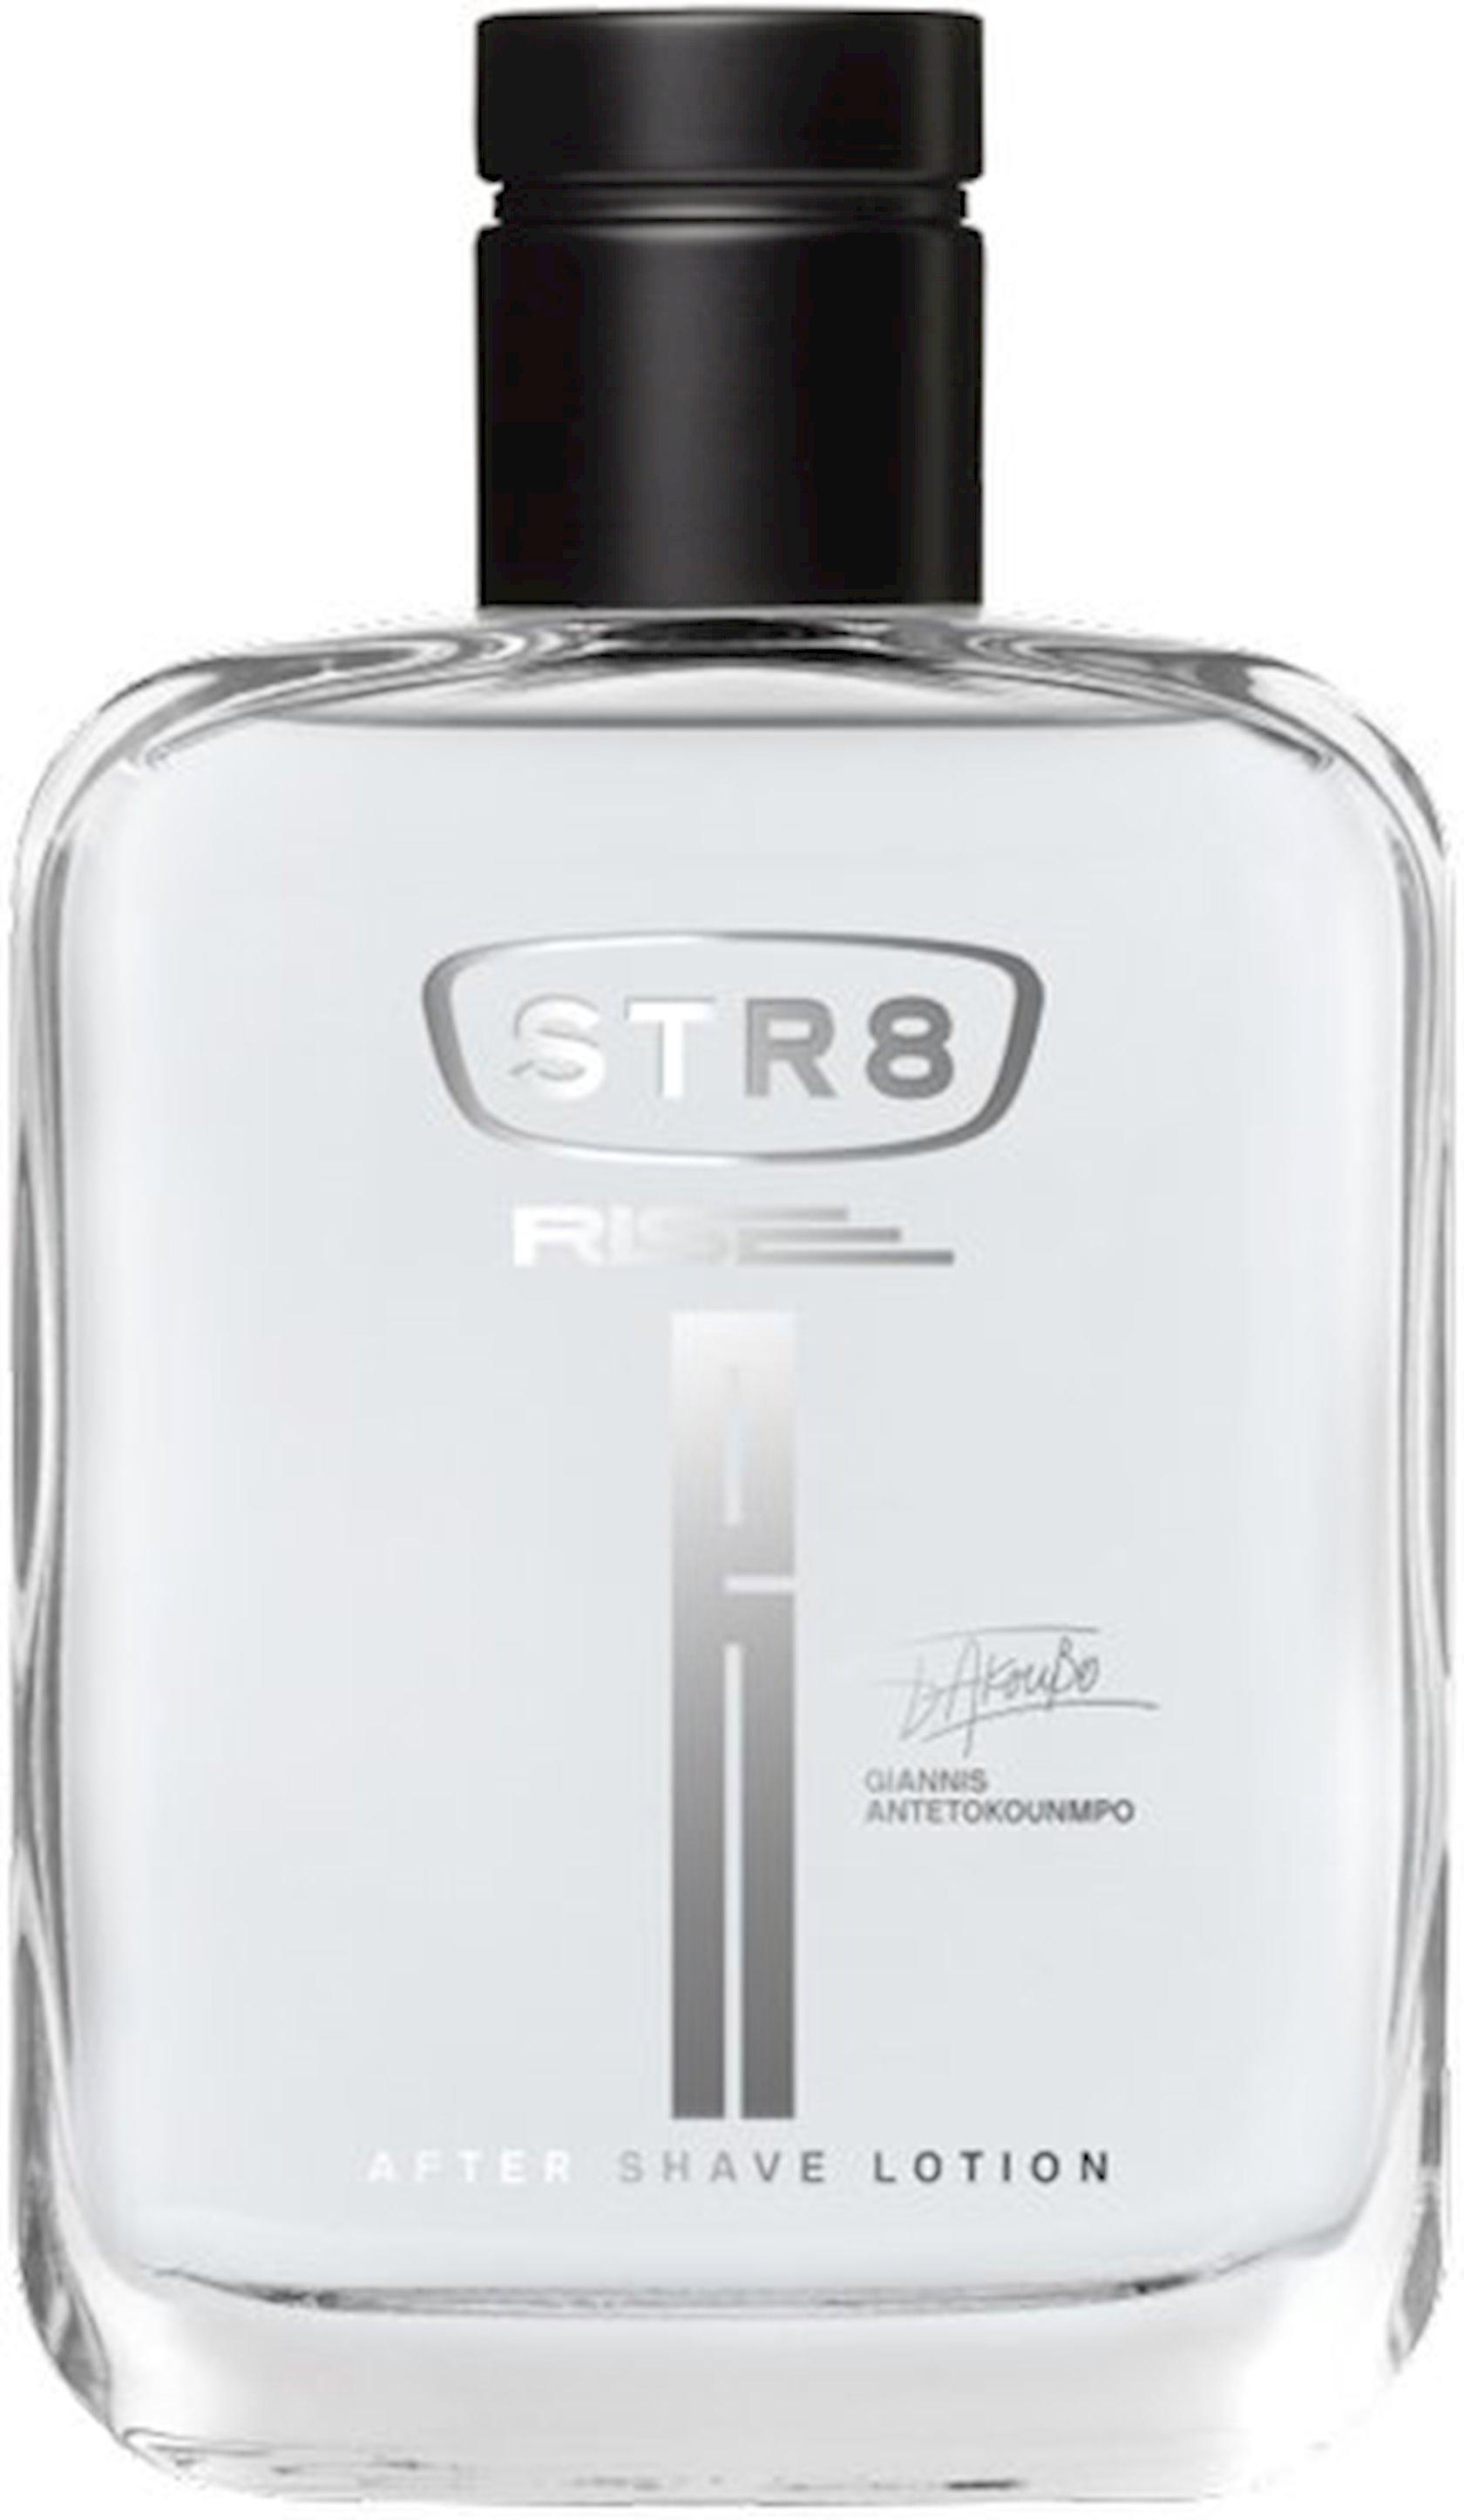 Təraş sonrası losyon STR8 Rise, 100 ml